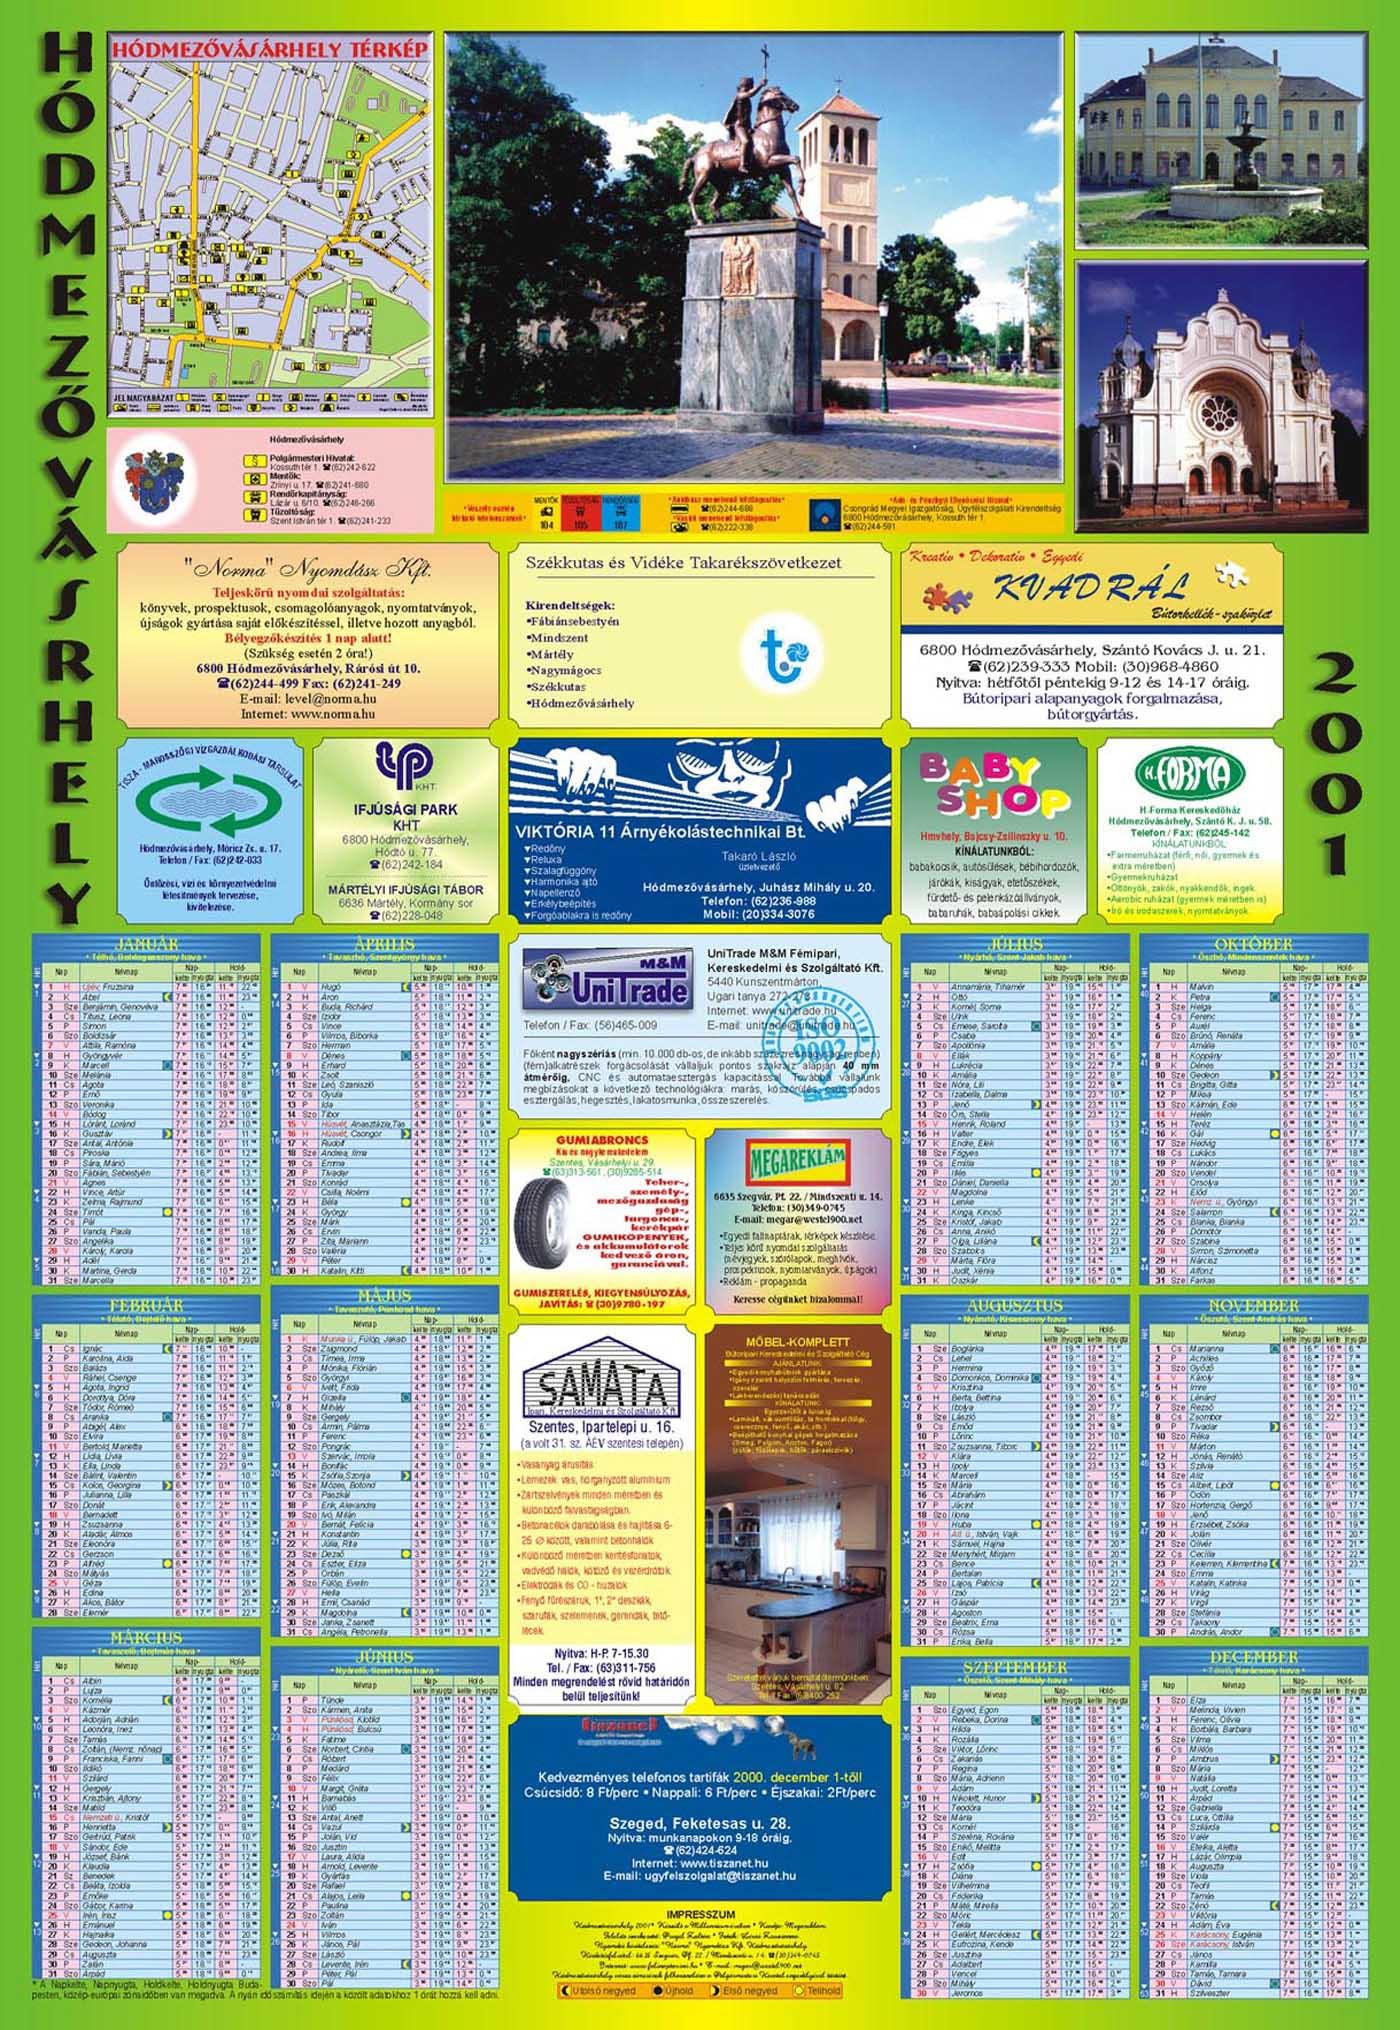 11-Hodmezovasarhely2001Falinaptar-2000